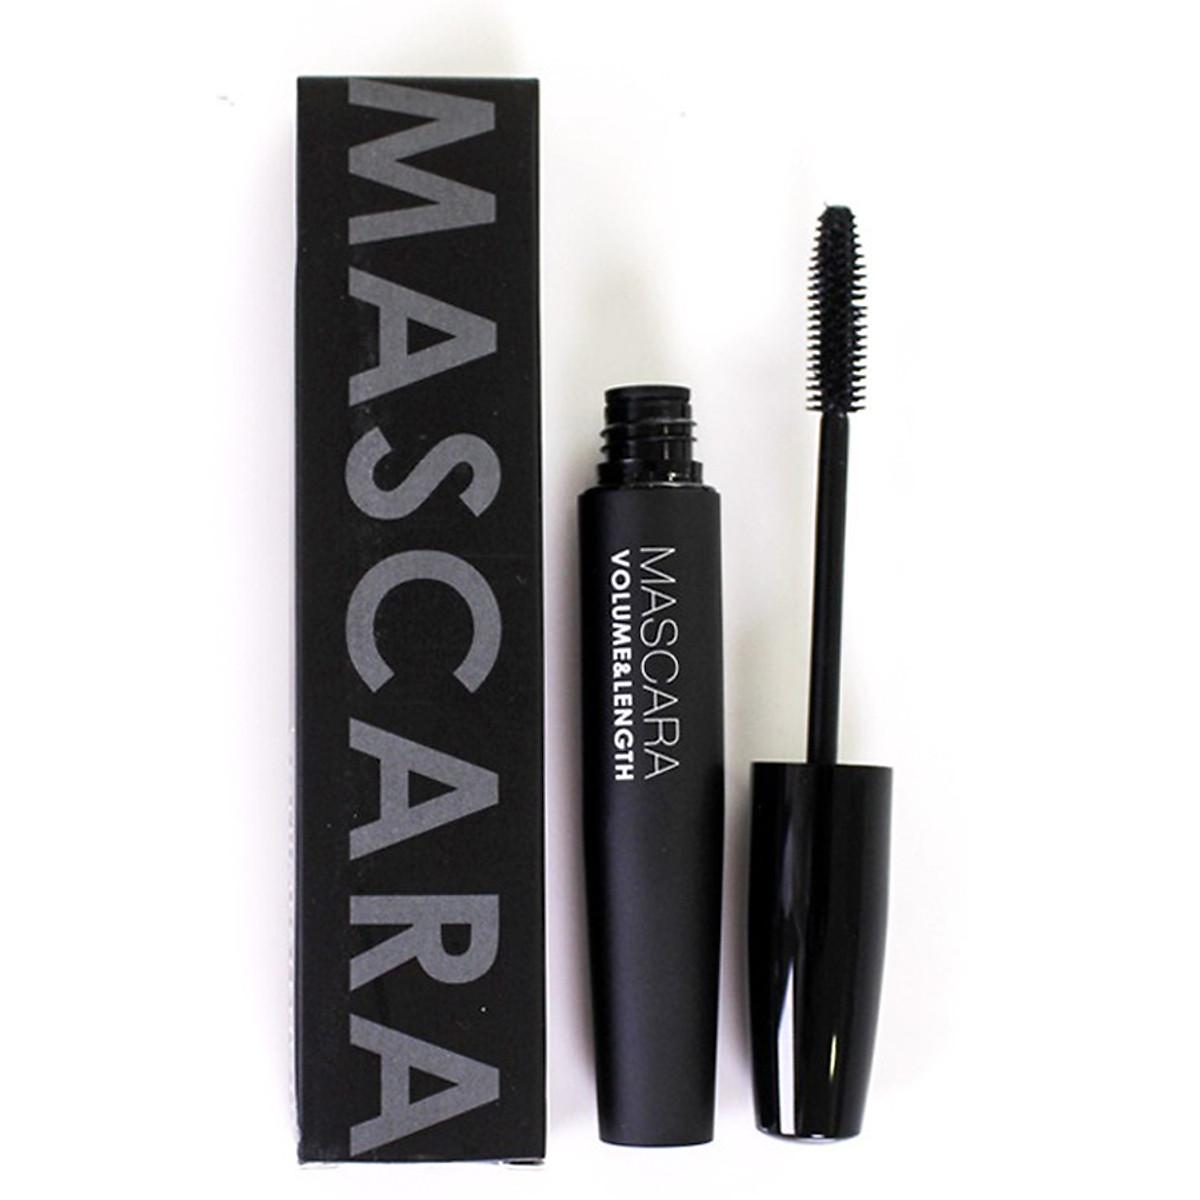 Mascara dày và dài mi Focallure volume & length